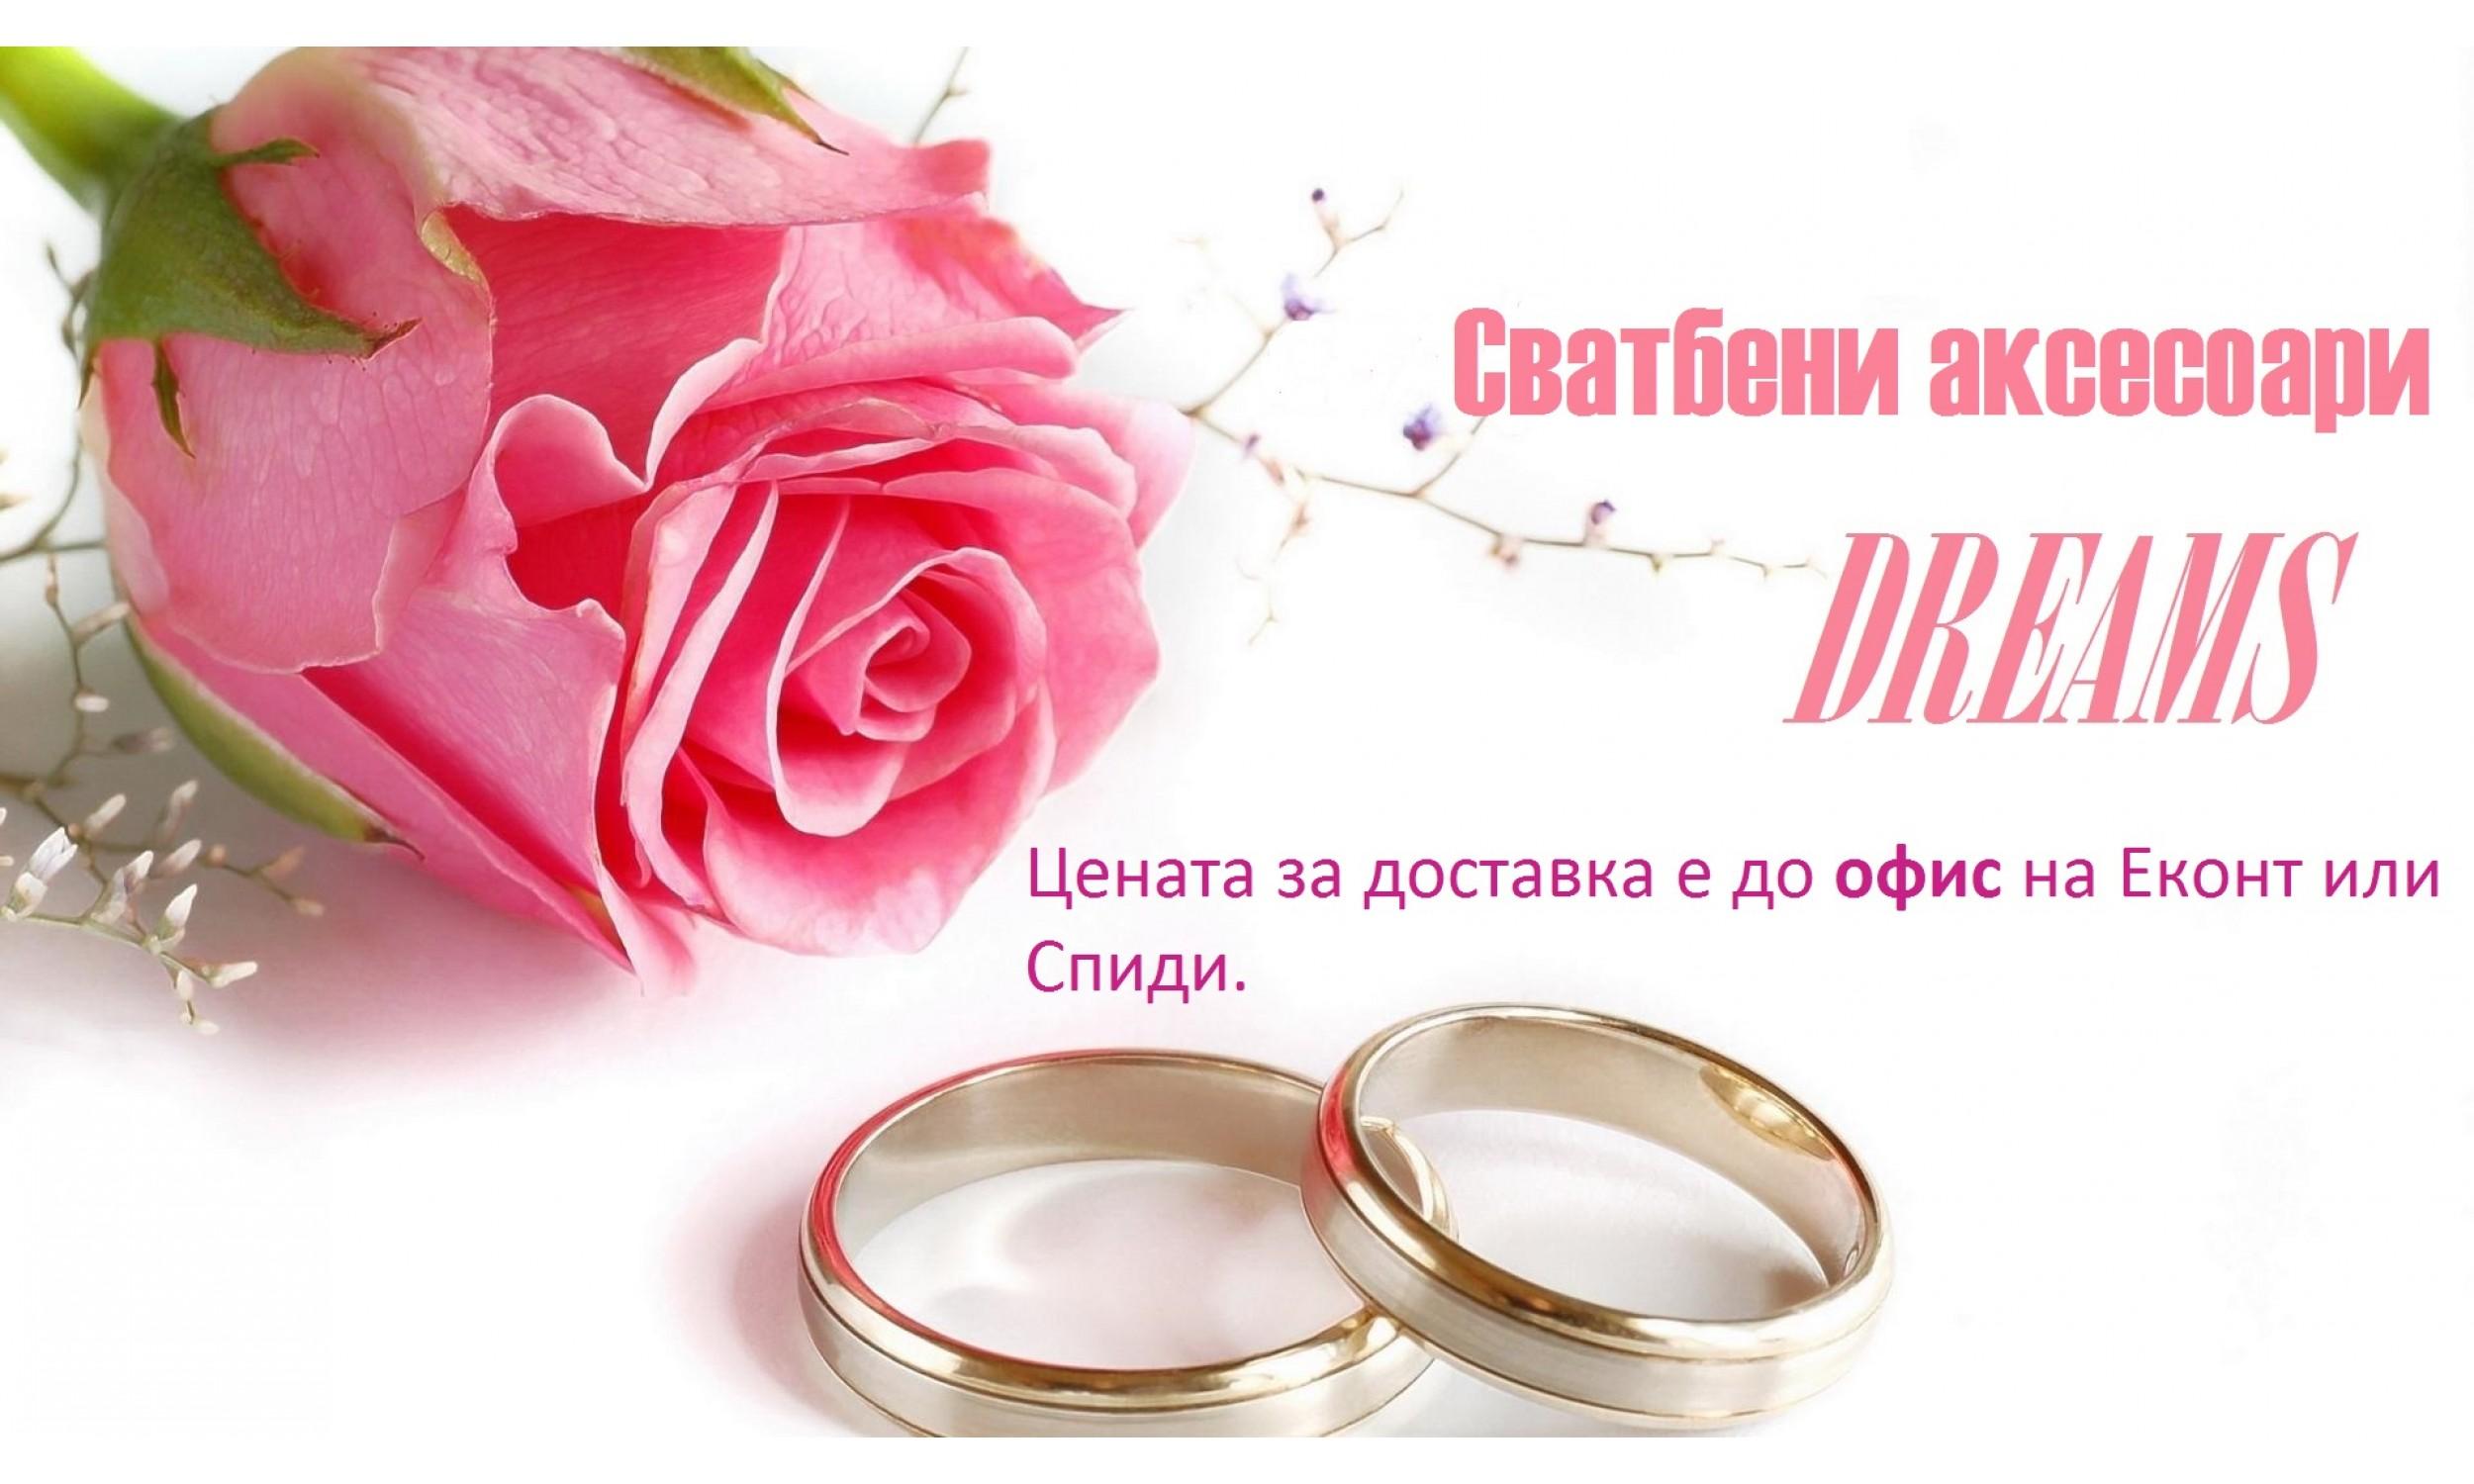 Сватбени аксесоари DREAMS онлайн магазин сватбени аксесоари